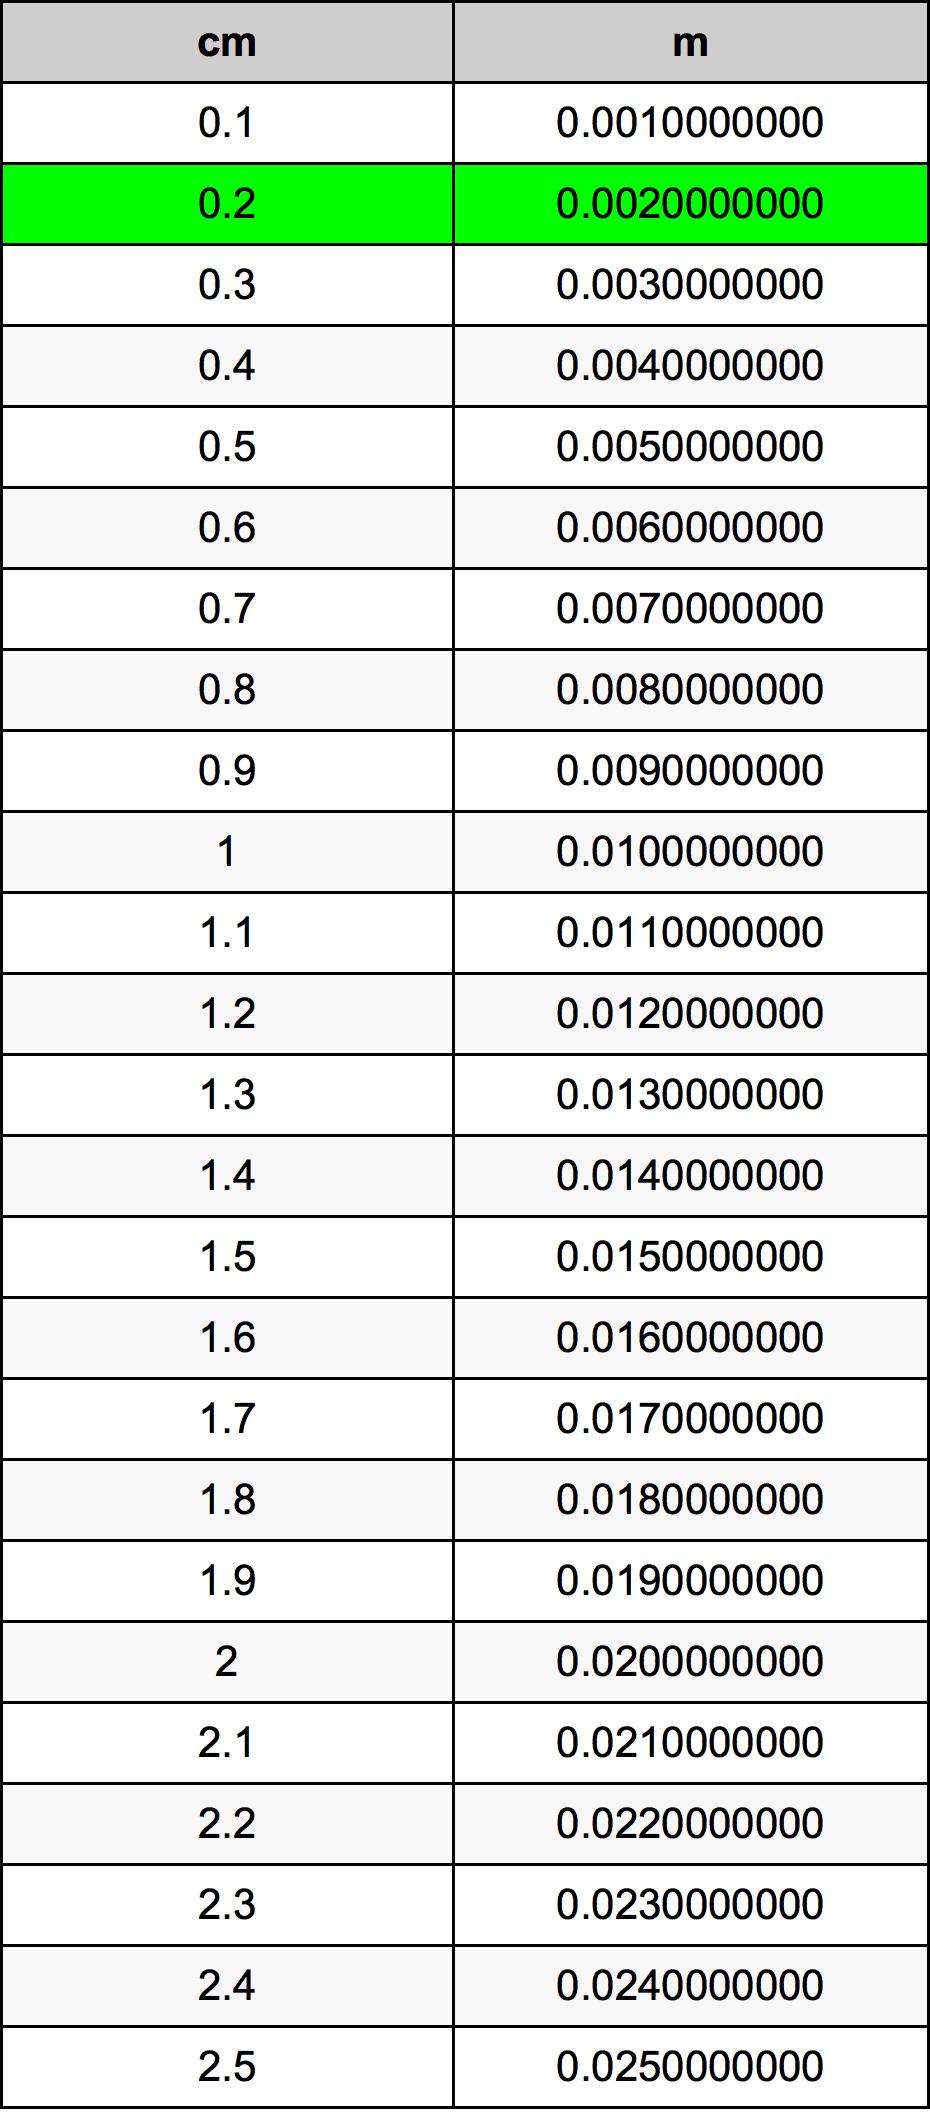 0.2 Centímetros en Metros conversor de unidades | 0.2 cm ...